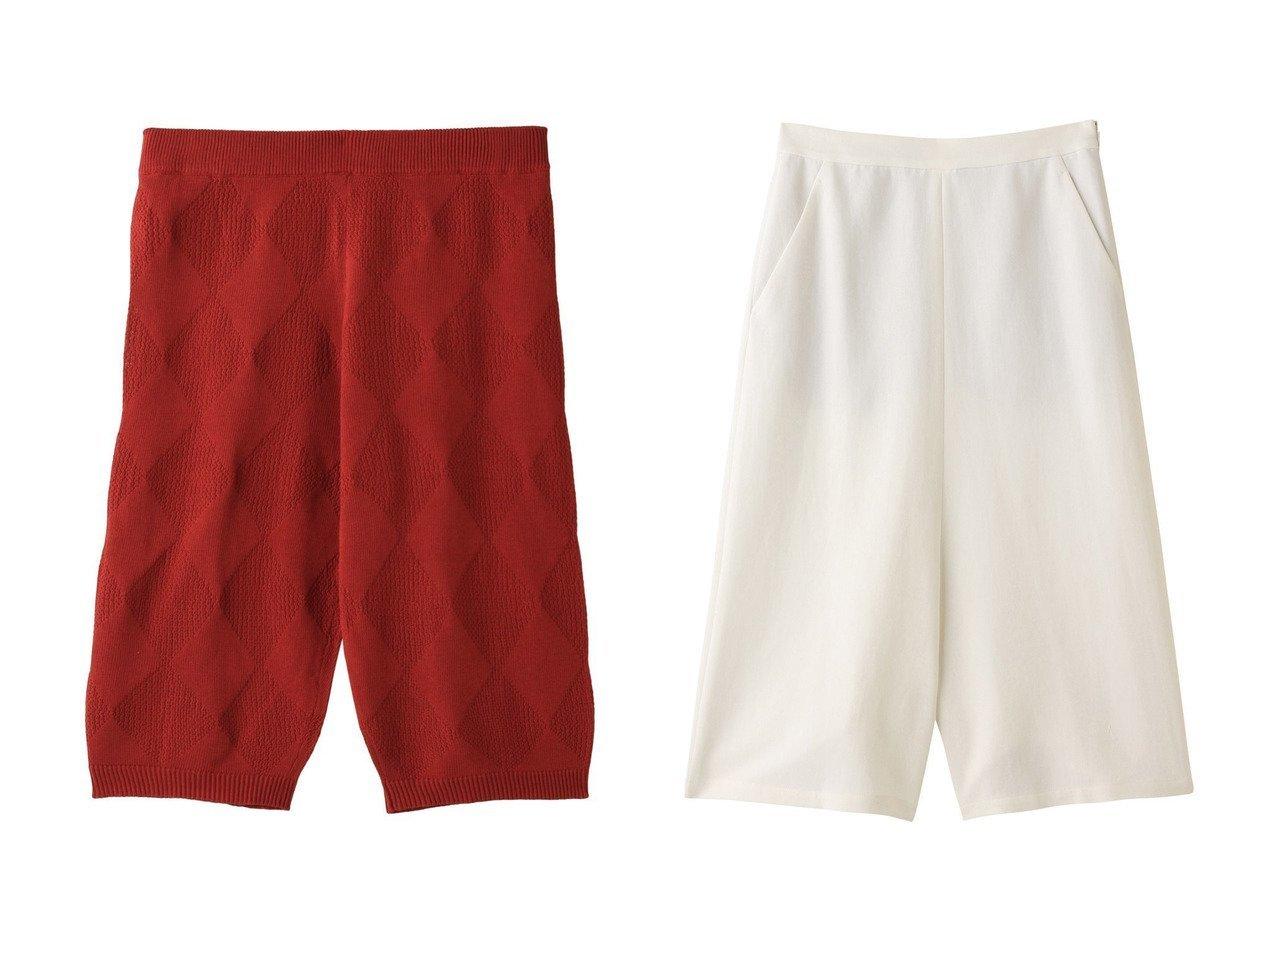 【PLAIN PEOPLE/プレインピープル】の【plainless】カノコ天竺ニットアーガイル柄パンツ&コットンワイドハーフパンツ パンツのおすすめ!人気、トレンド・レディースファッションの通販 おすすめで人気の流行・トレンド、ファッションの通販商品 メンズファッション・キッズファッション・インテリア・家具・レディースファッション・服の通販 founy(ファニー) https://founy.com/ ファッション Fashion レディースファッション WOMEN パンツ Pants ハーフ / ショートパンツ Short Pants シンプル セットアップ ショート スマート ハーフ ワイド |ID:crp329100000009472